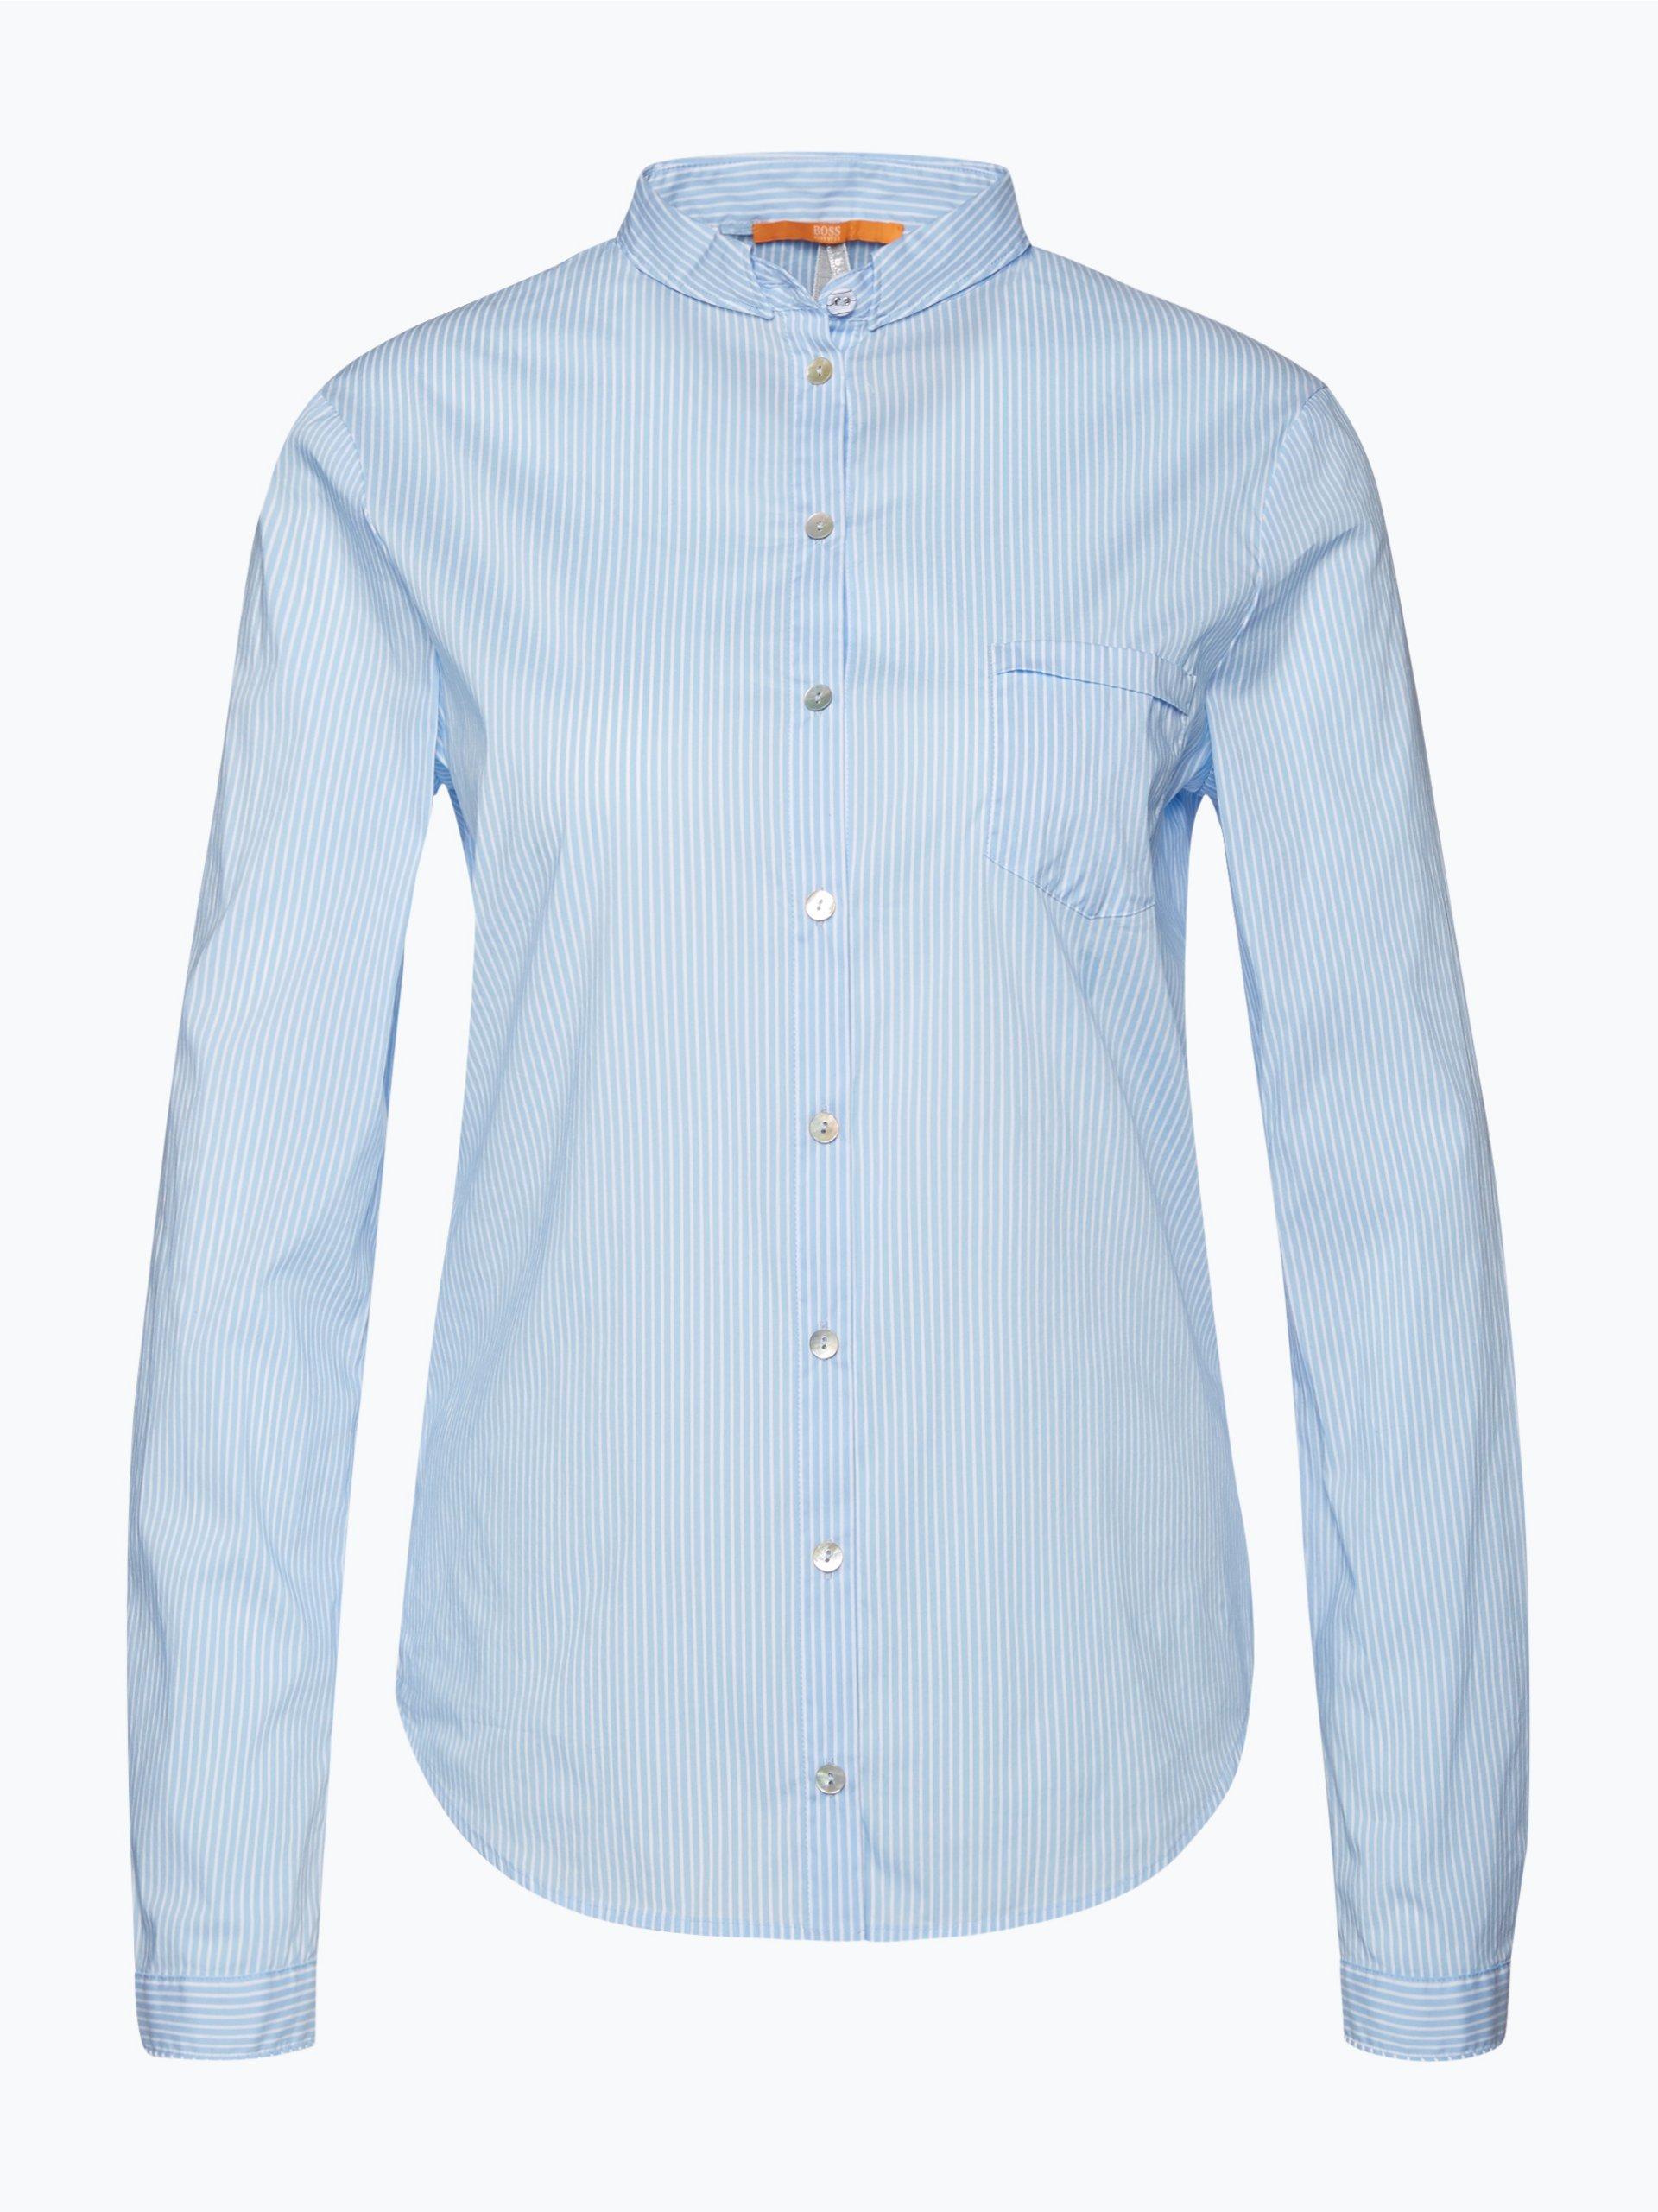 boss orange damen bluse egli hellblau gestreift online kaufen peek und cloppenburg de. Black Bedroom Furniture Sets. Home Design Ideas